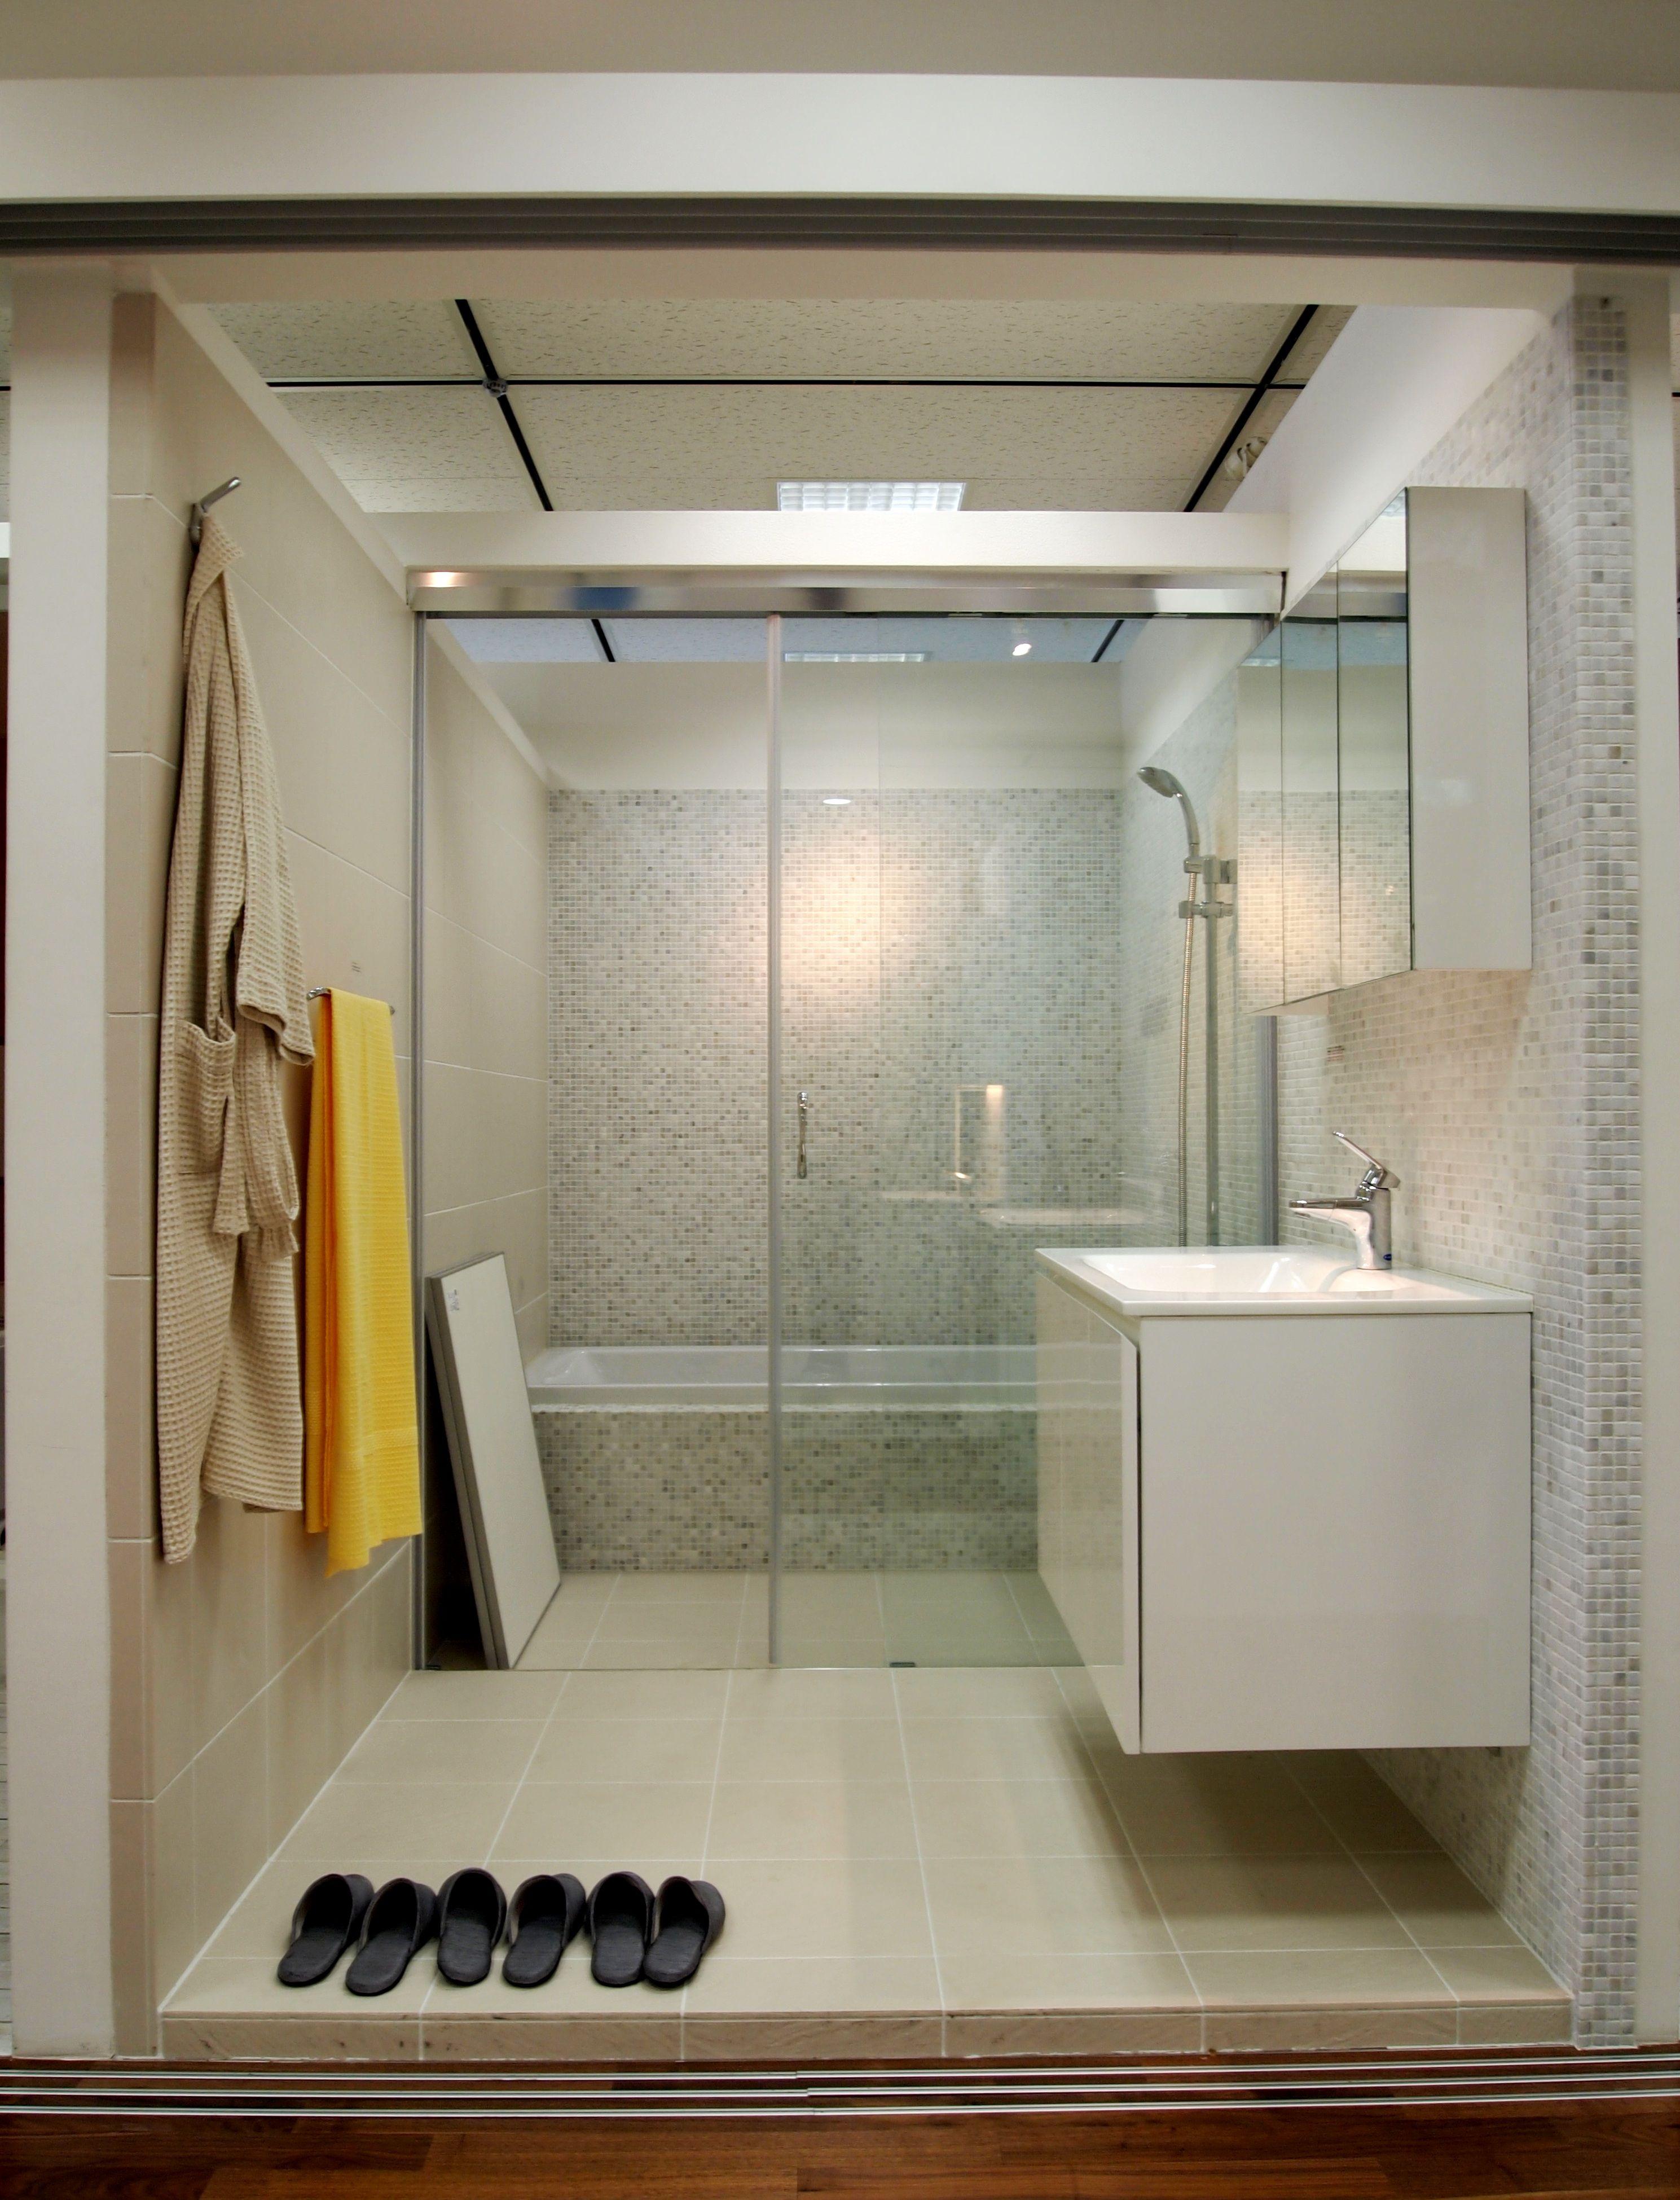 壁は大理石モザイク 床はタイル こちらは在来工法の浴室モデルです